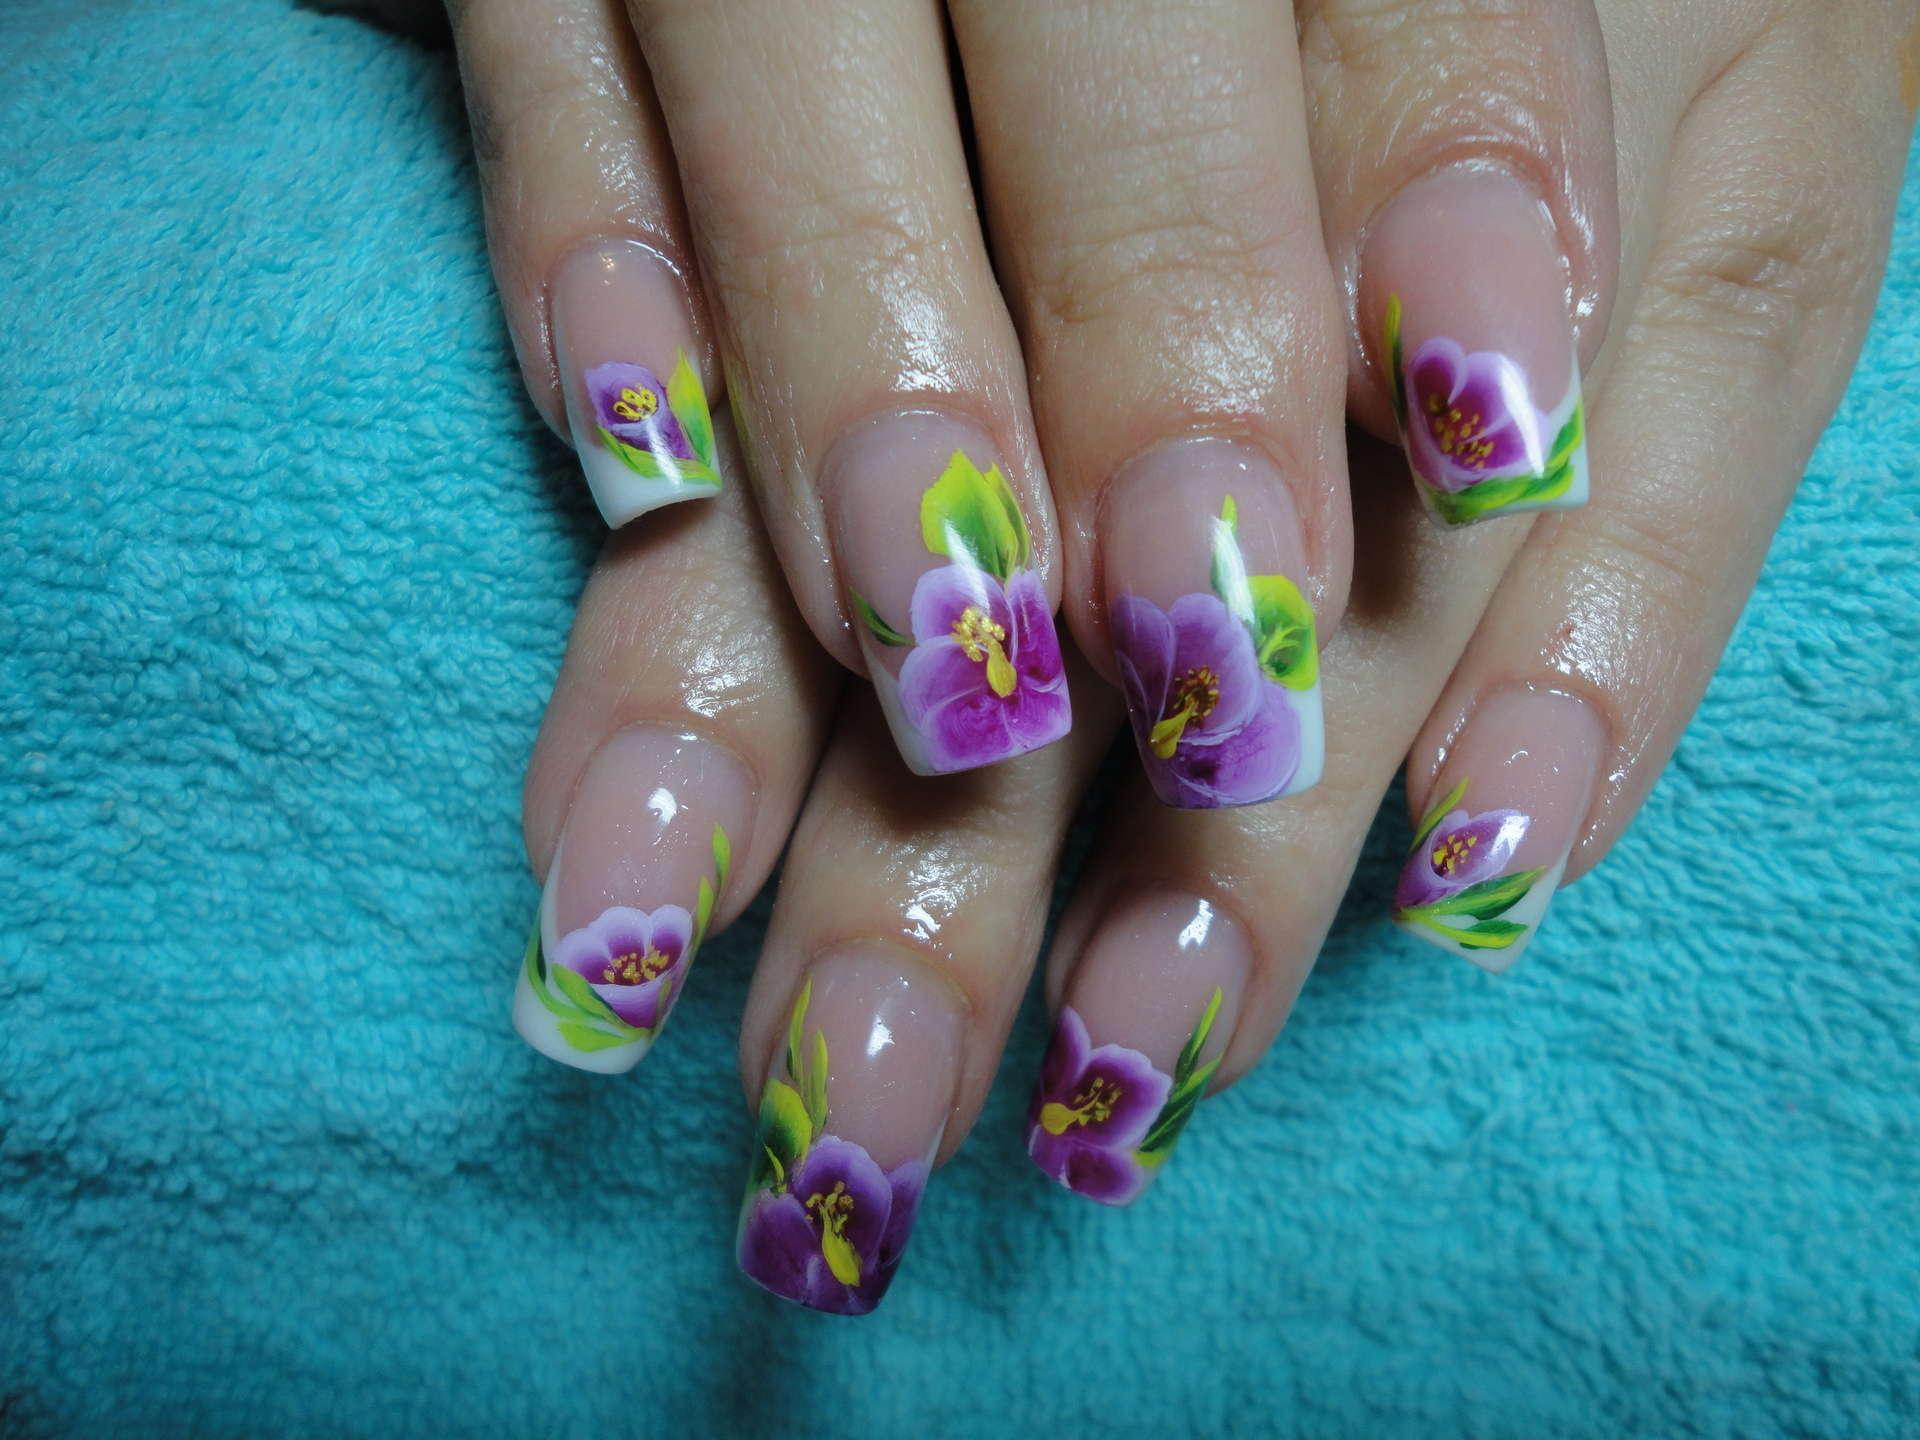 Дизайн ногтей весна лето. 82 фото маникюра. -Фото дизайна 33